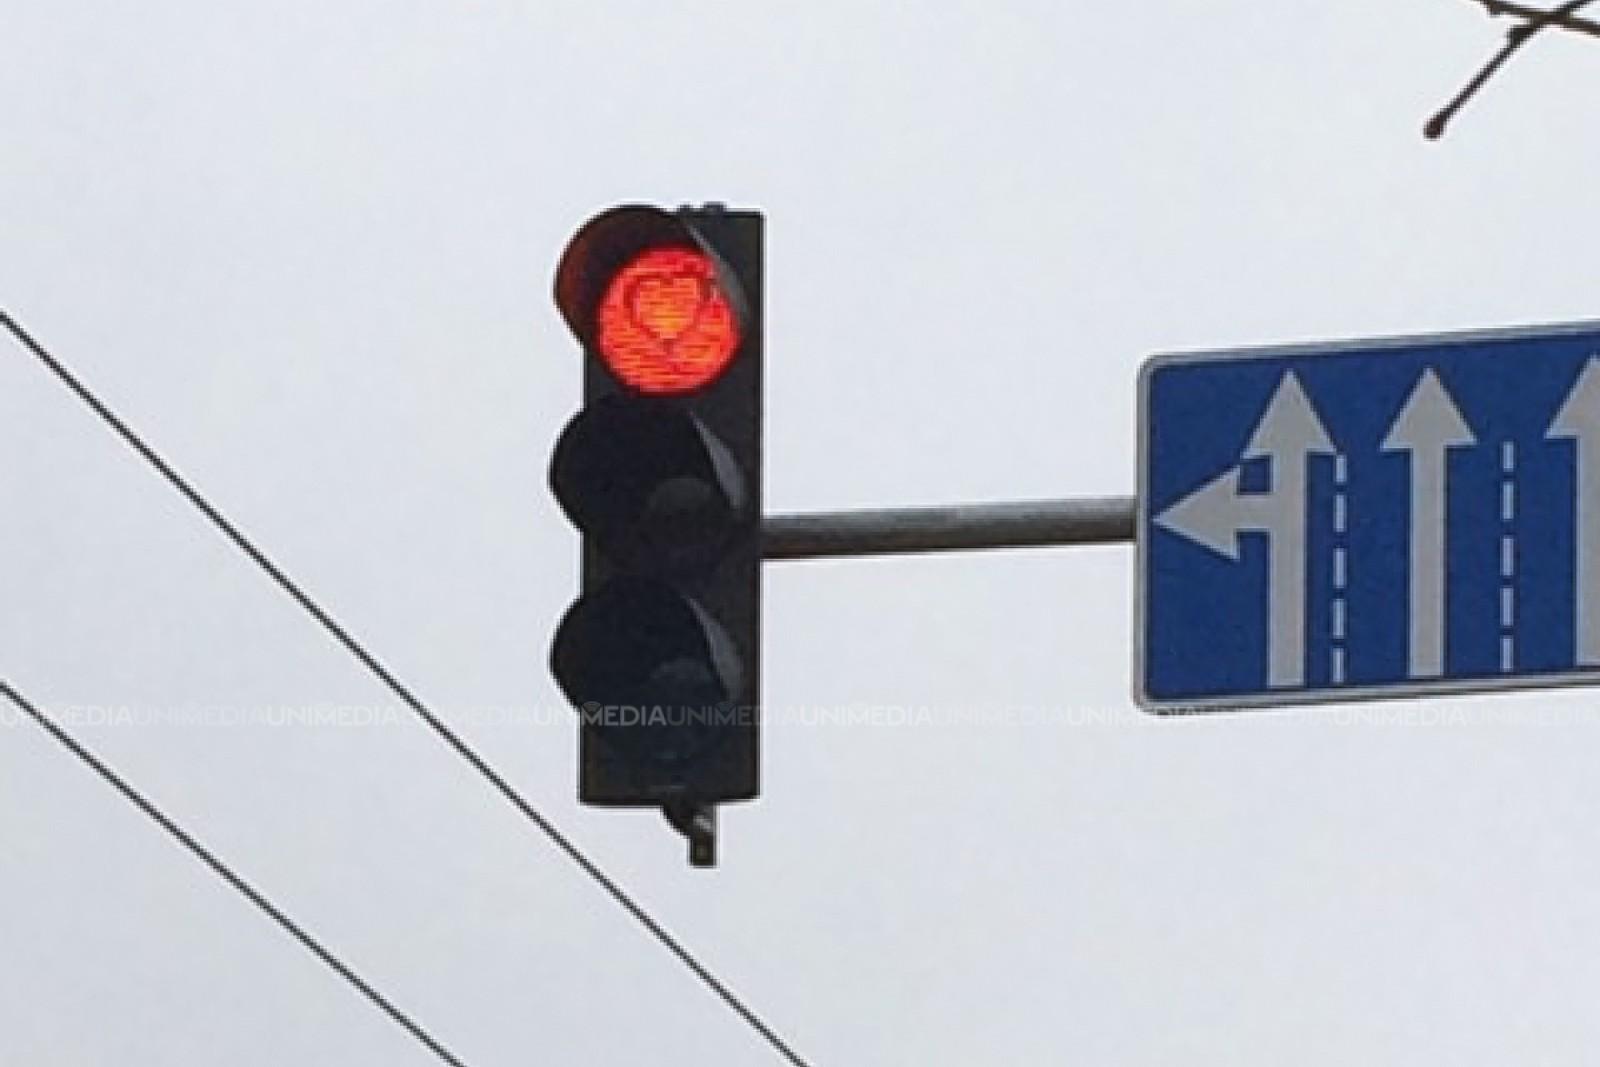 """(foto) În capitală au fost surprinse """"inimioare pe semafoare"""". Ce spune poliția"""